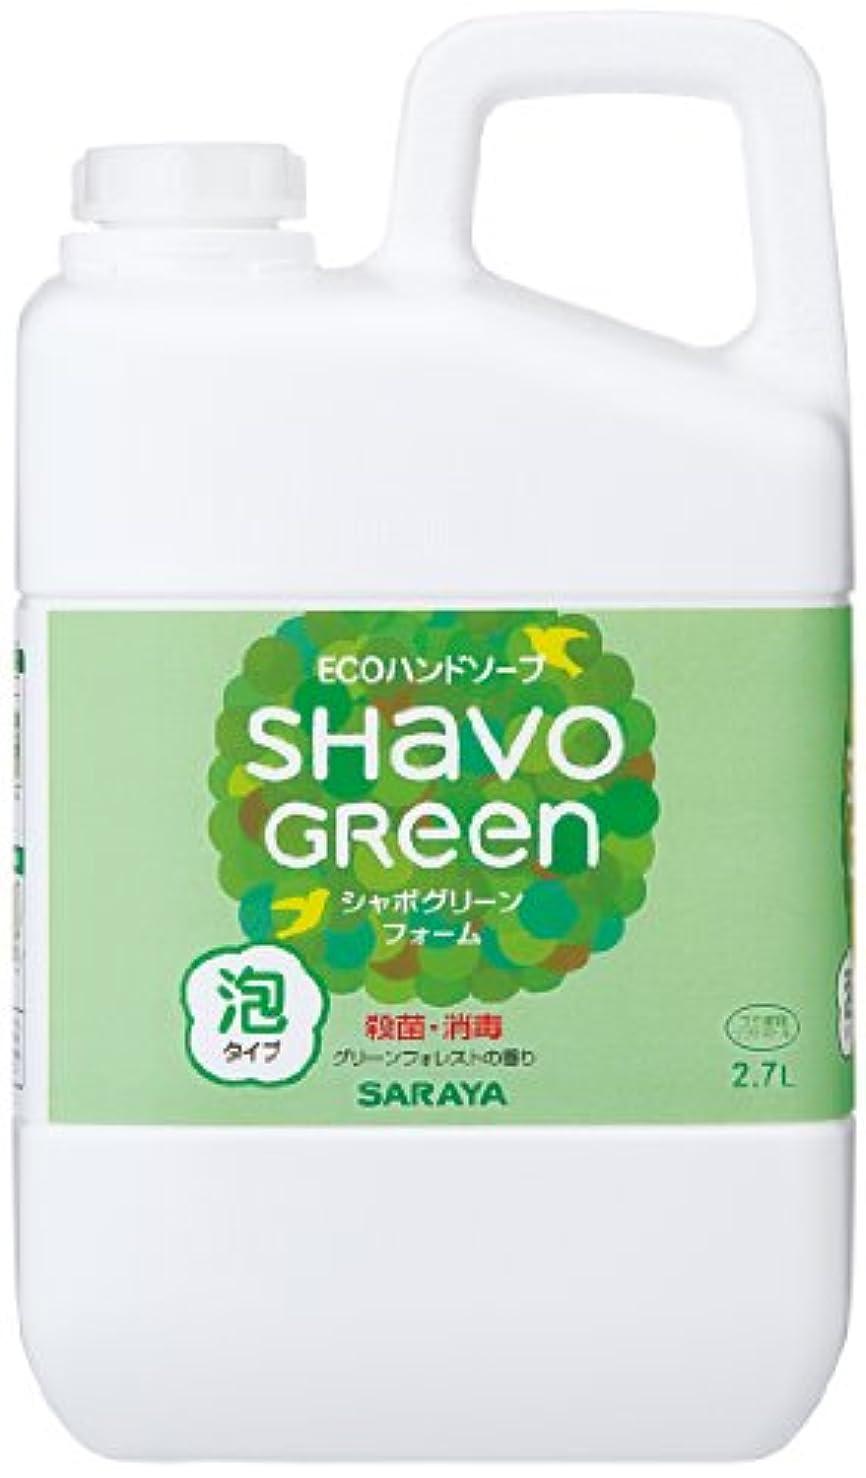 素子お酒タンパク質サラヤ シャボグリーン フォーム 詰替用 2.7L